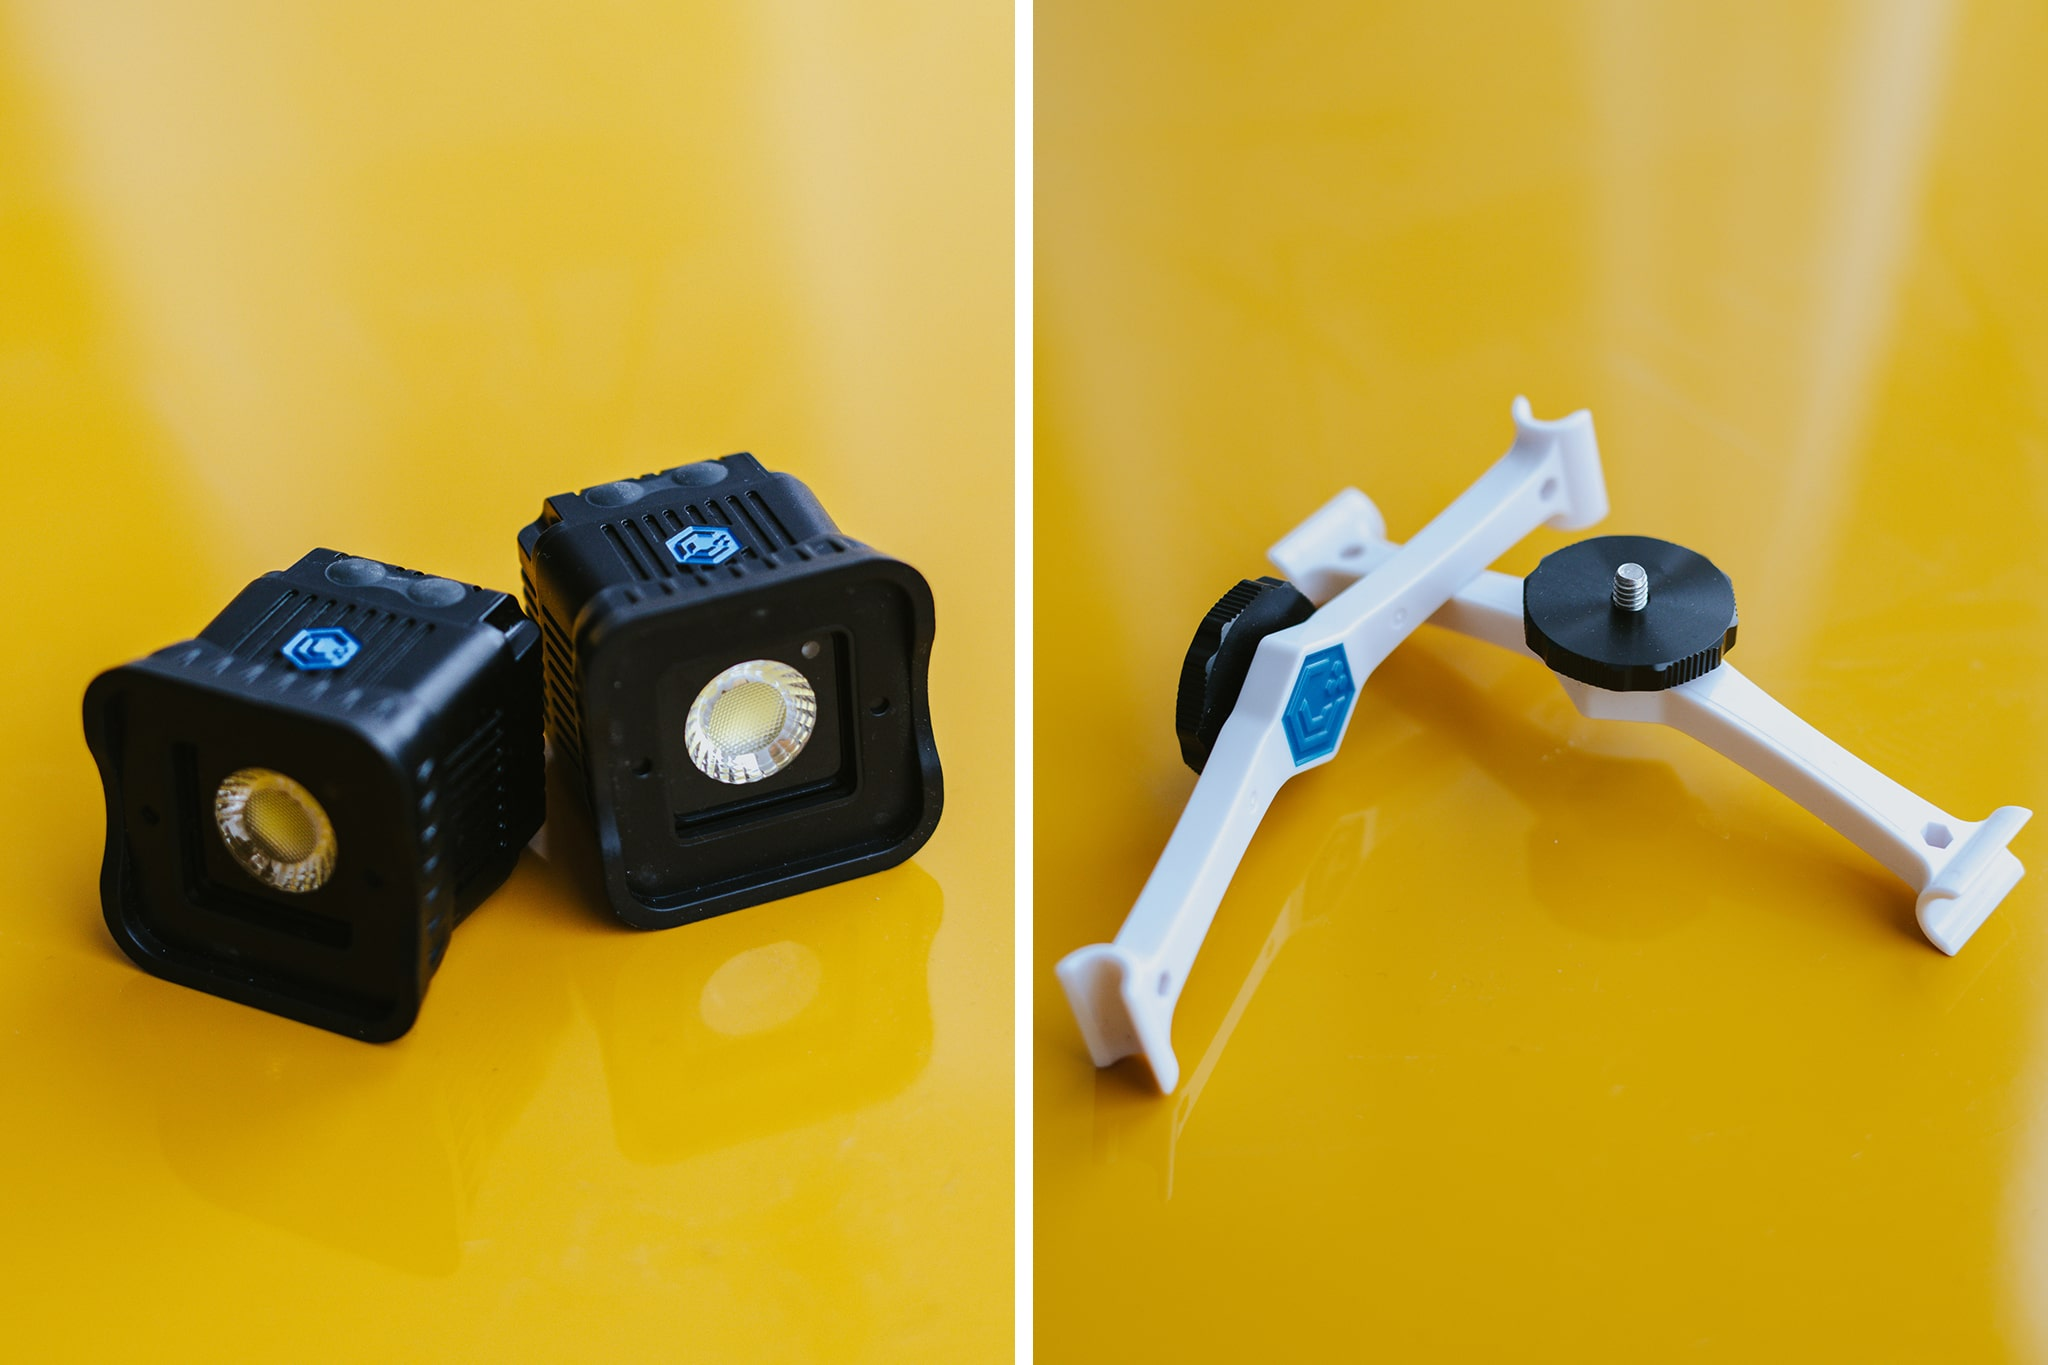 lume cube drone attachment